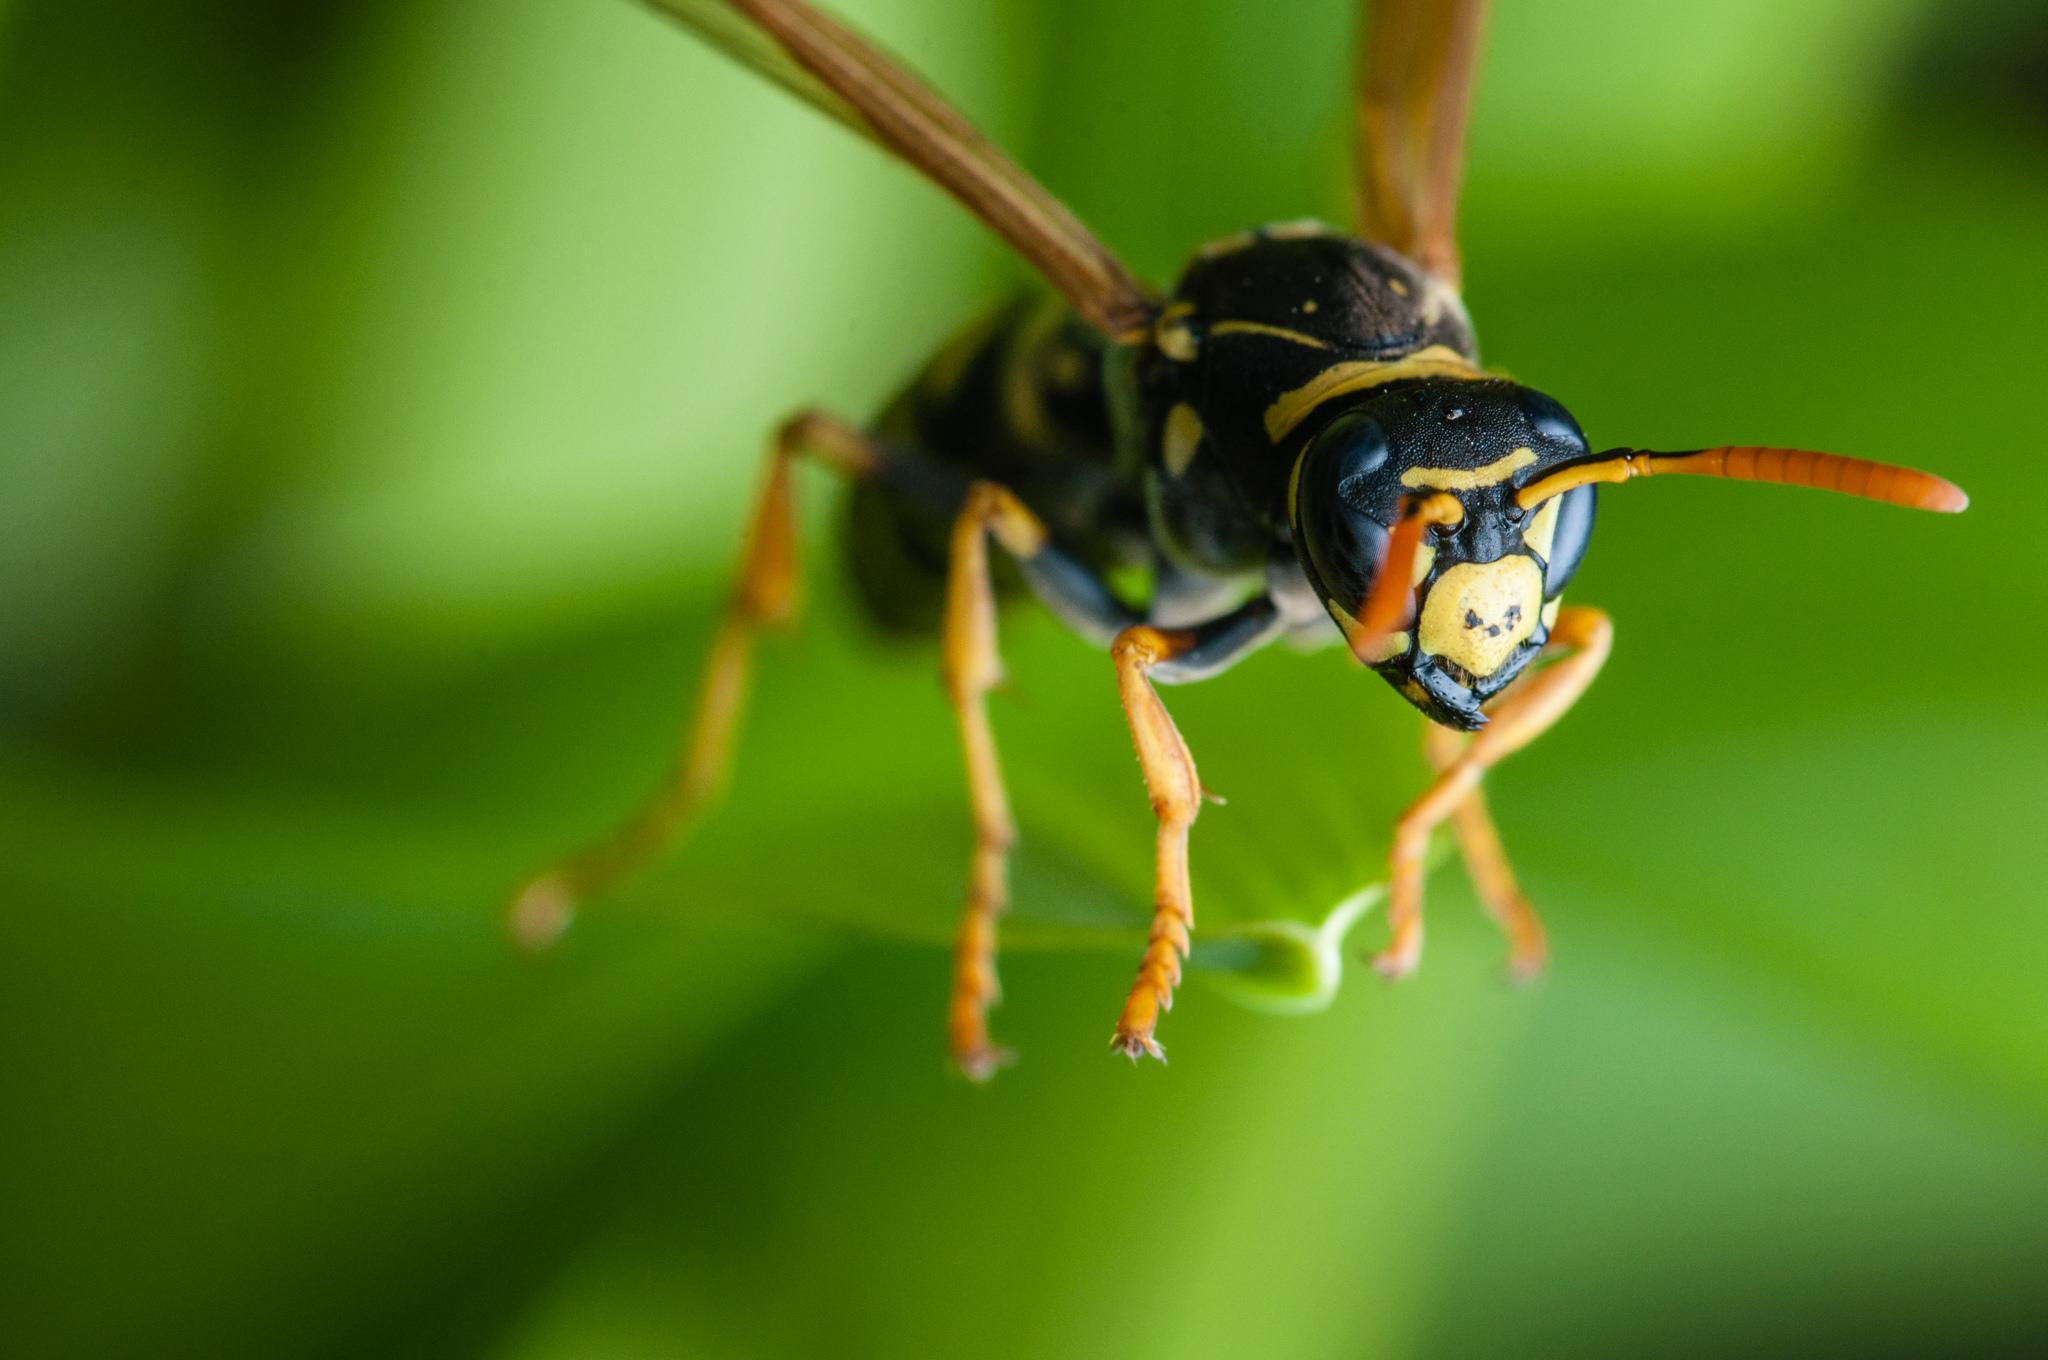 Wespenplage: Endlich mehr saufen und rauchen